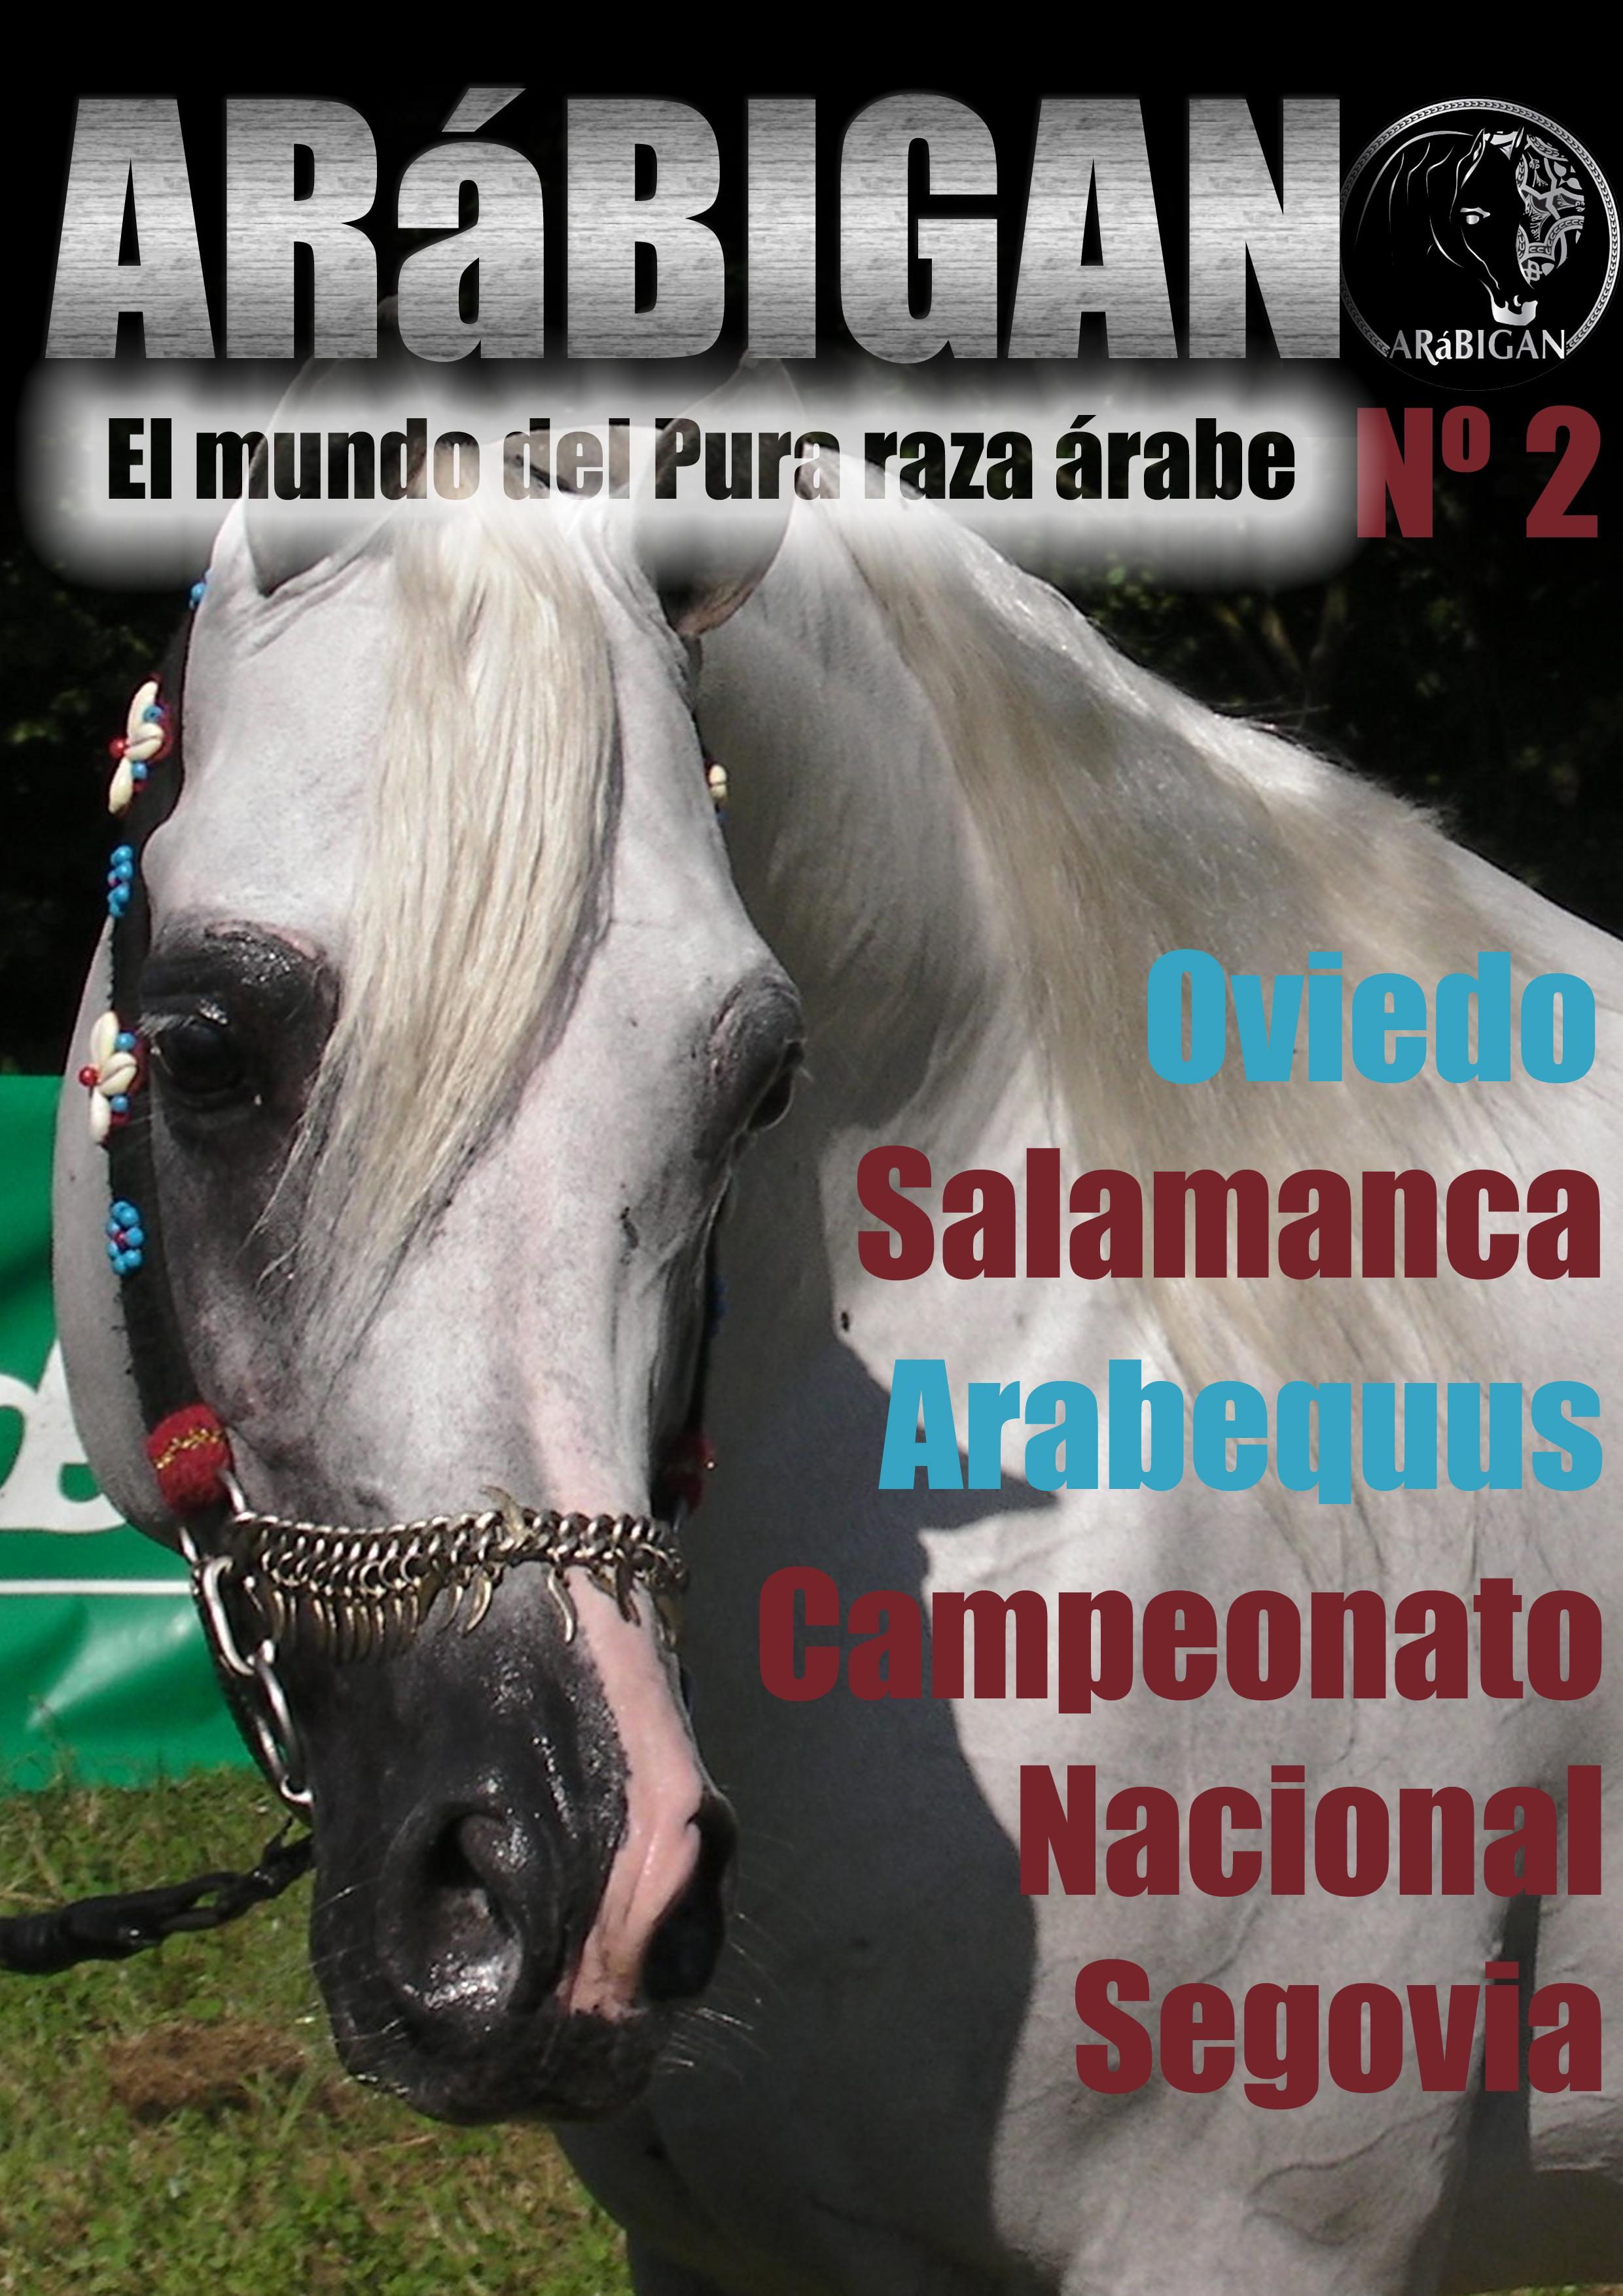 revista arábigan nº 2